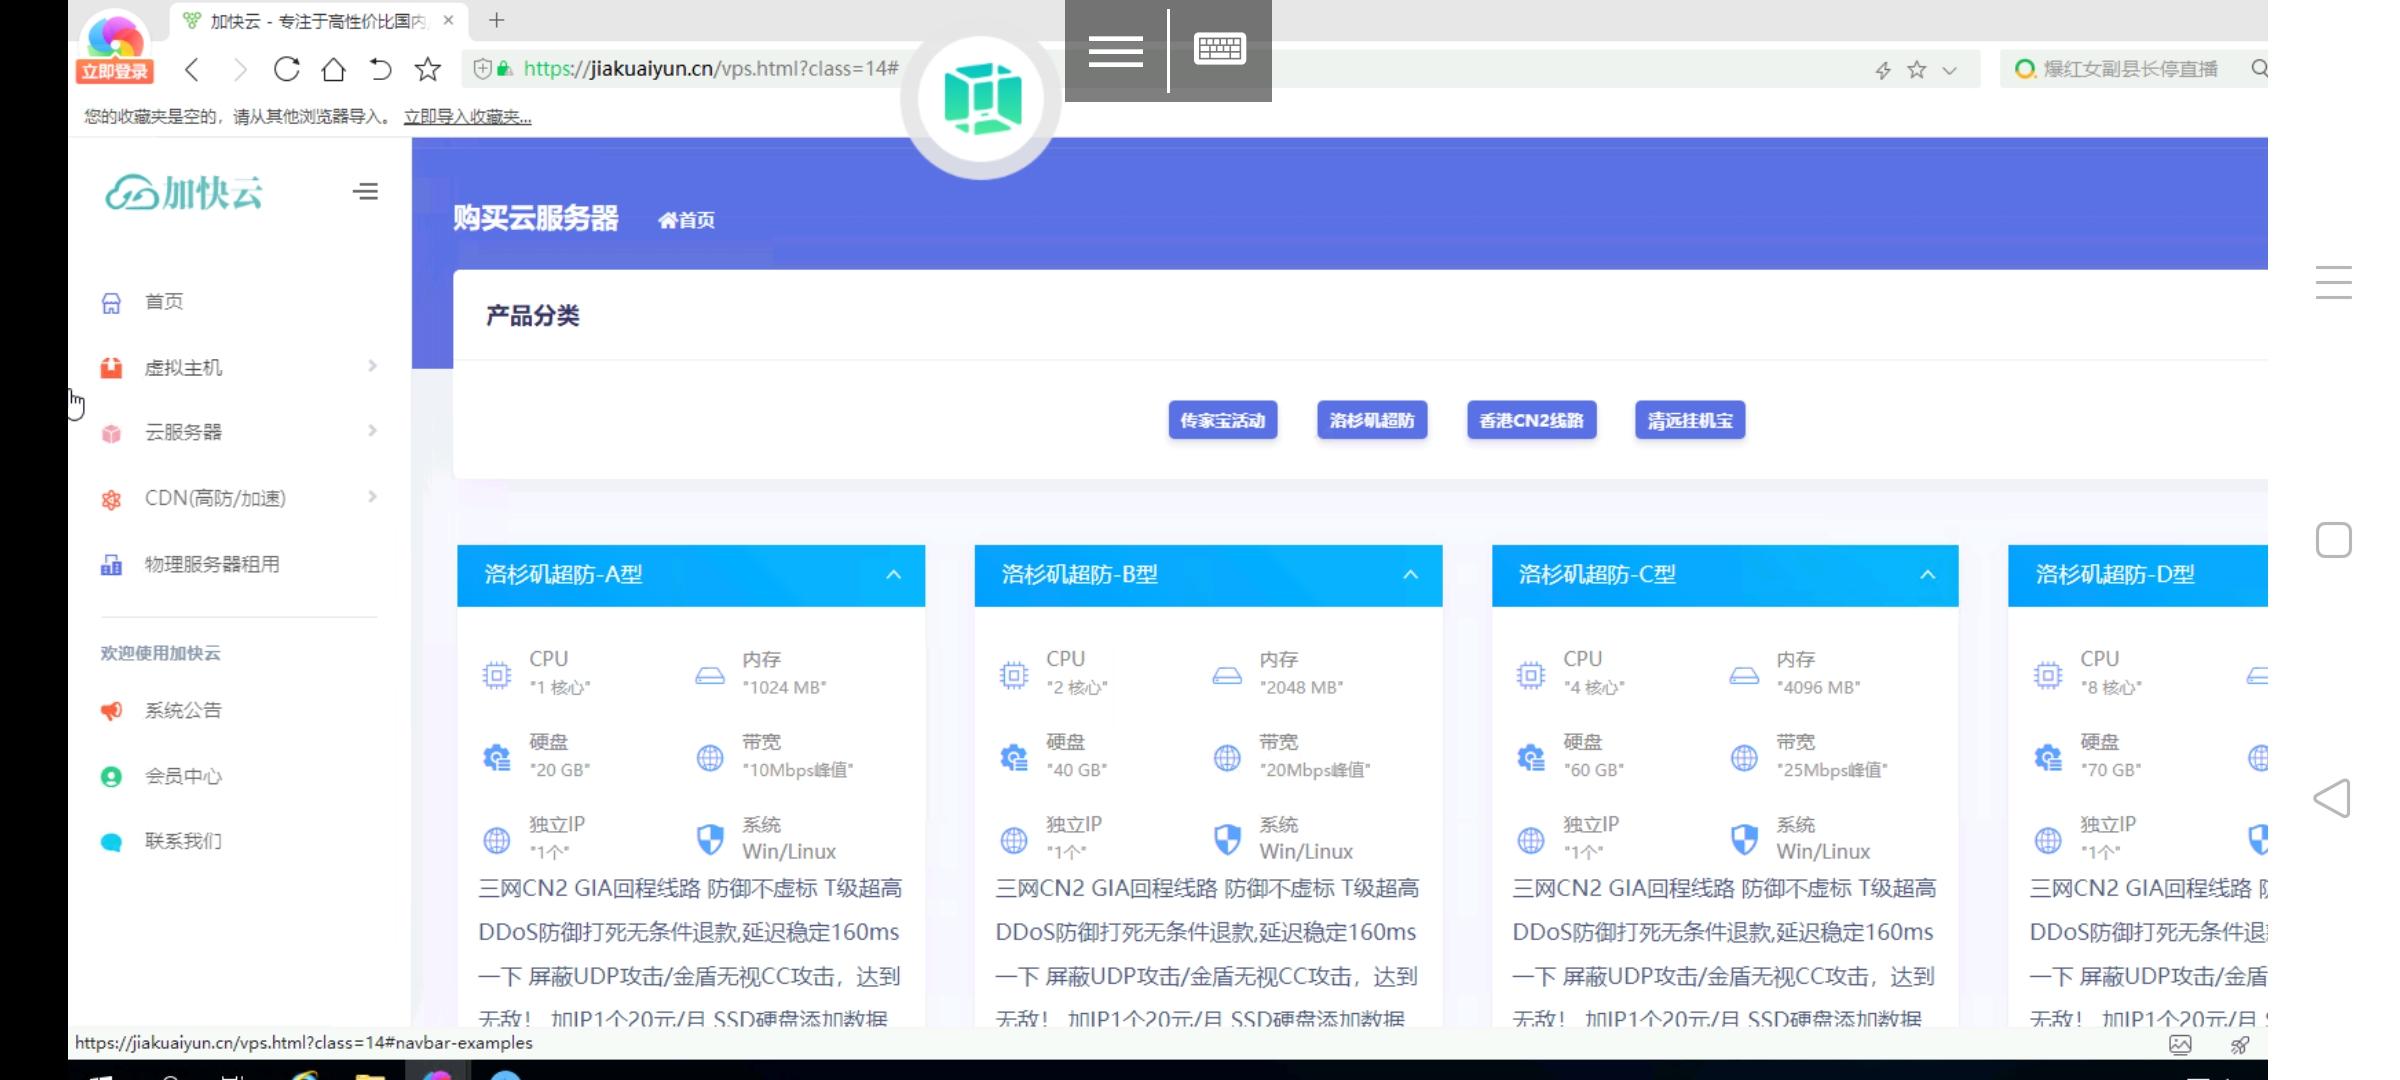 雪花IDC财务管理系统模板